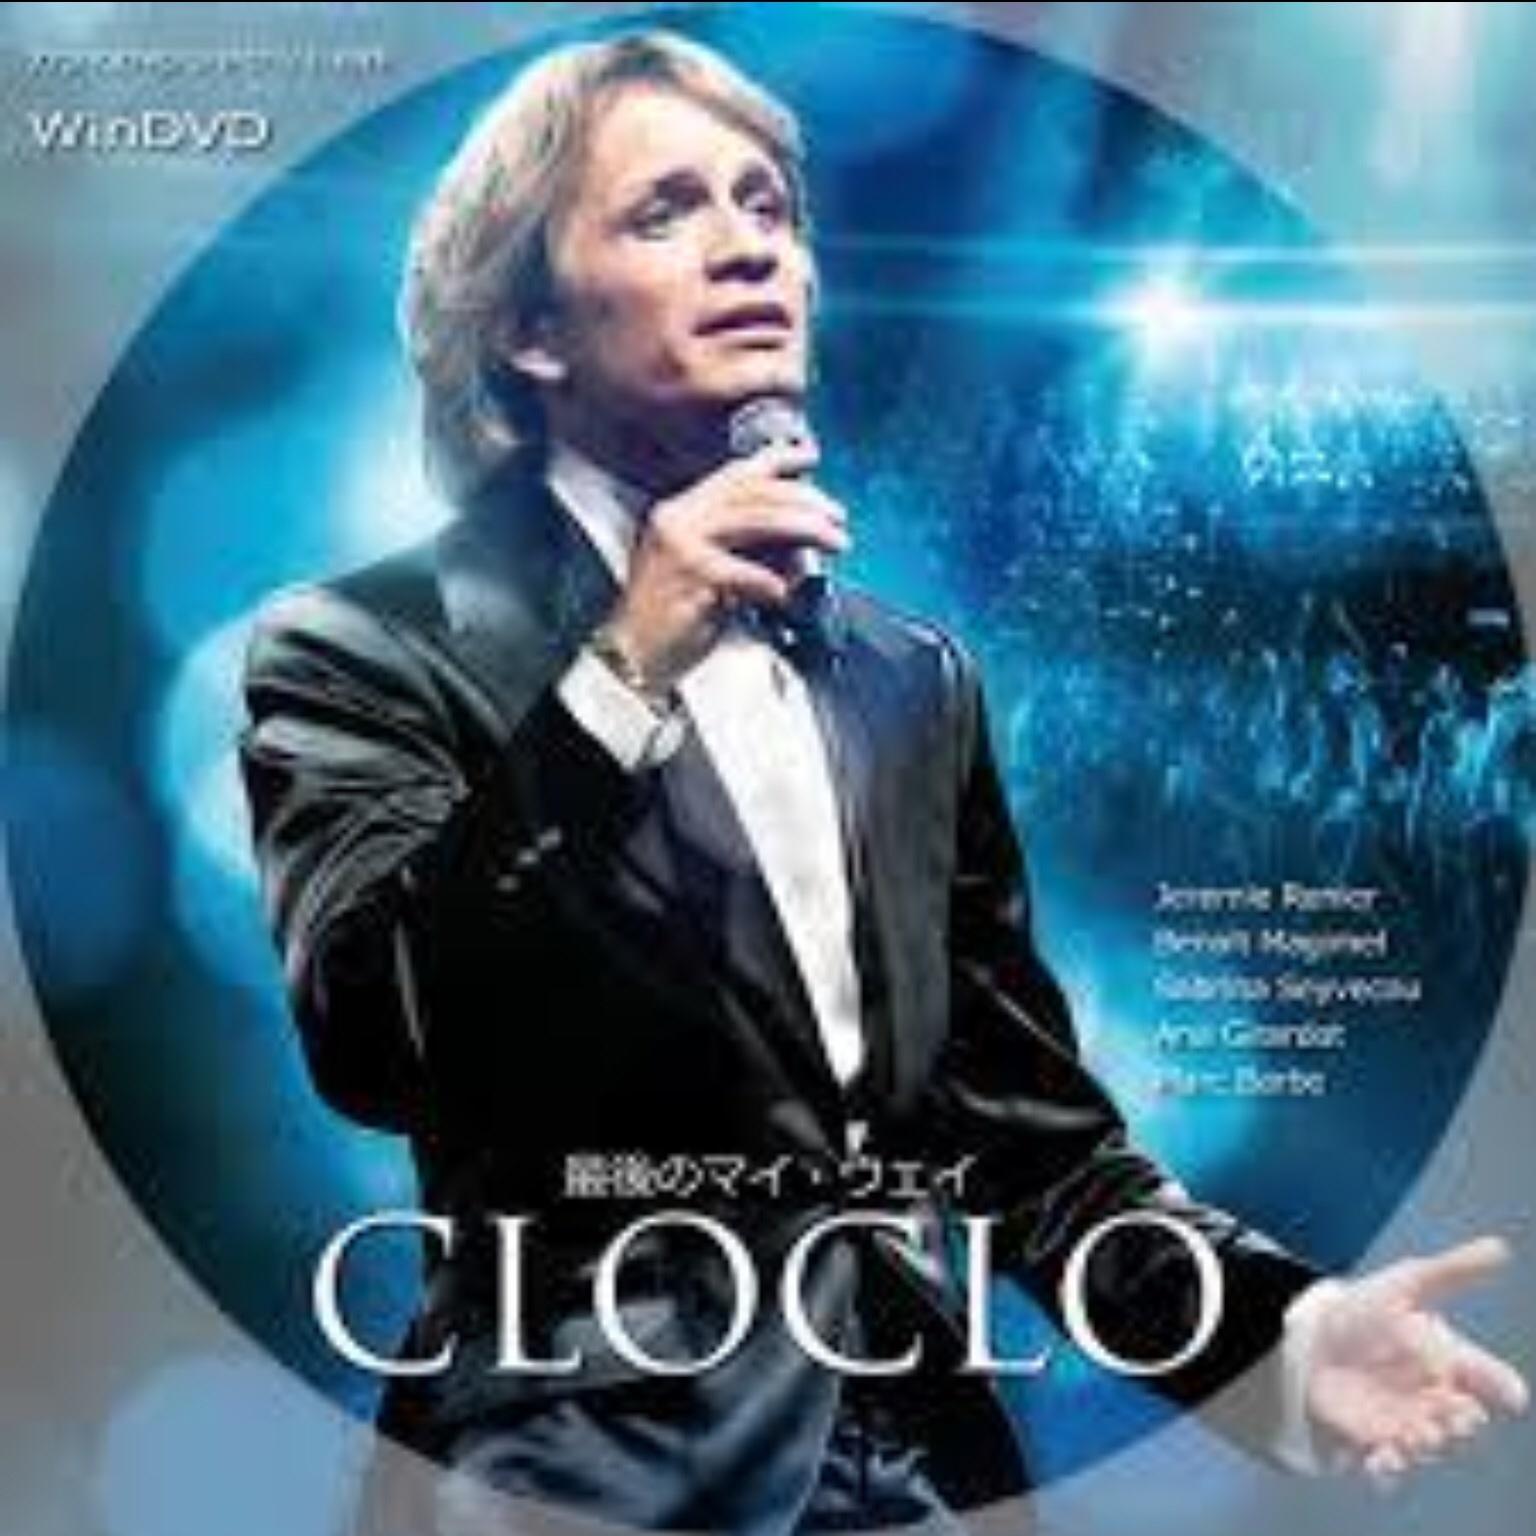 CLOCLOとジェレミー・レニエ_b0210699_02080274.jpg